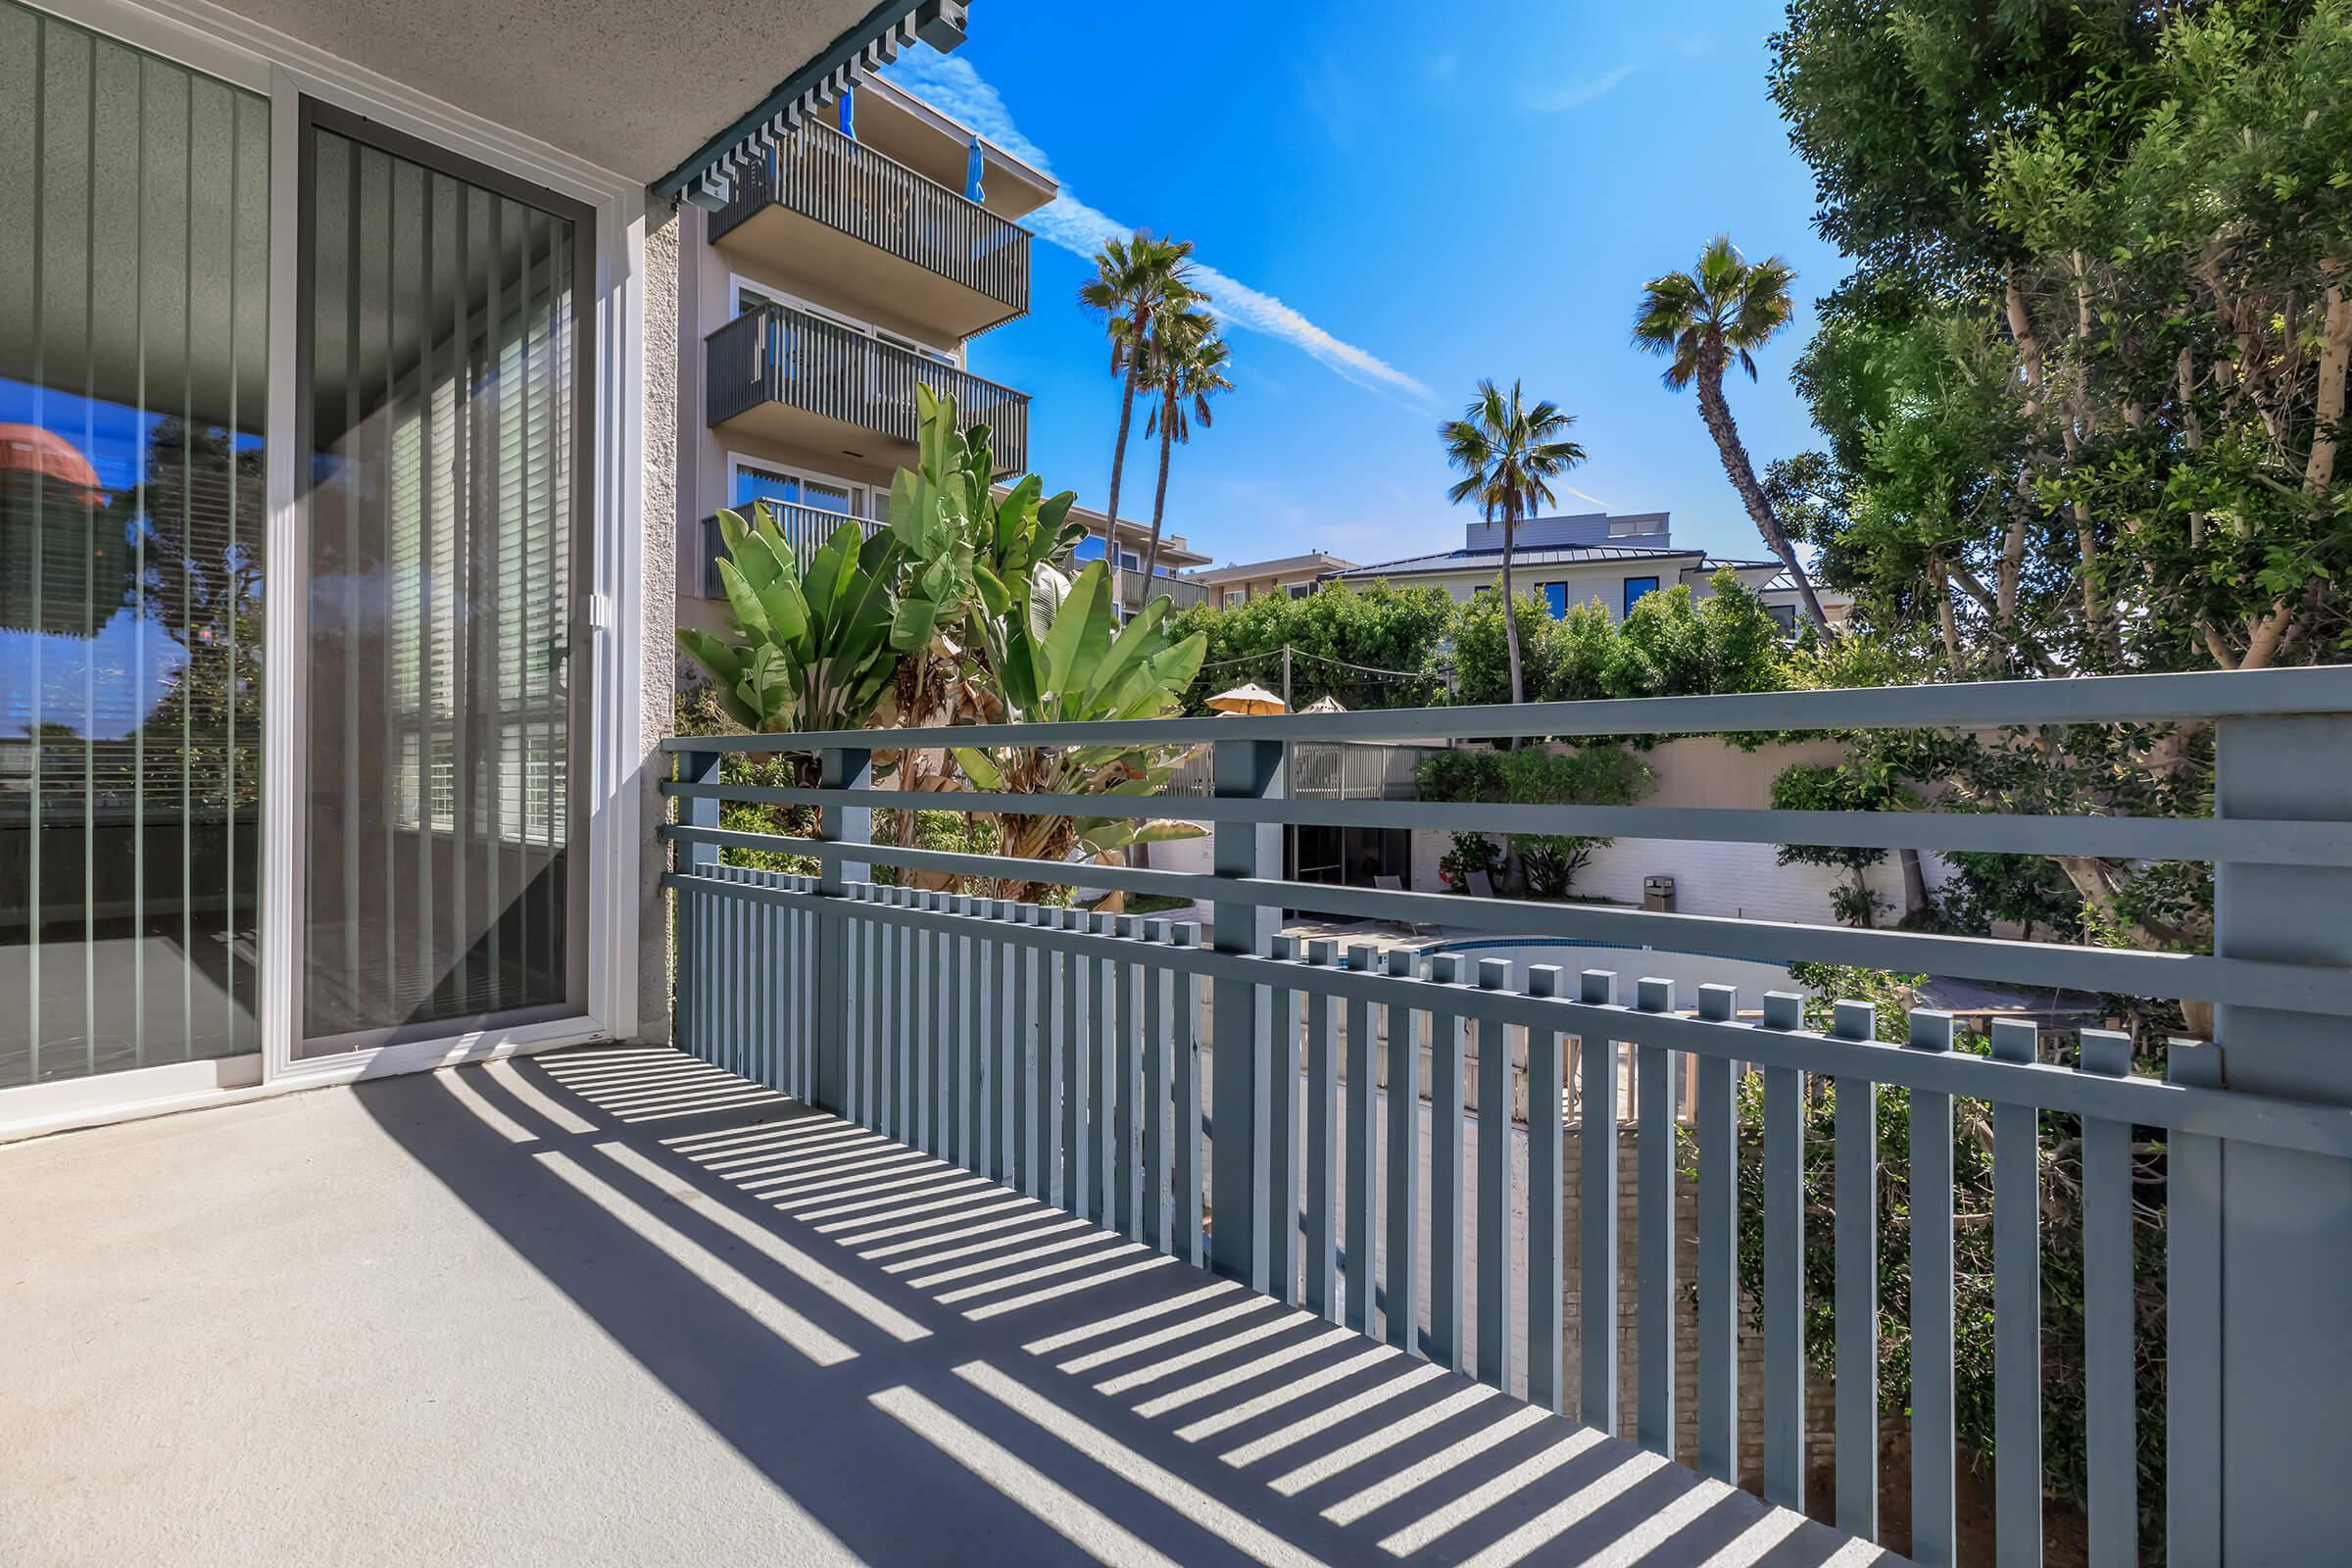 Personal balcony or patio at Casa Del Sur in San Diego, CA